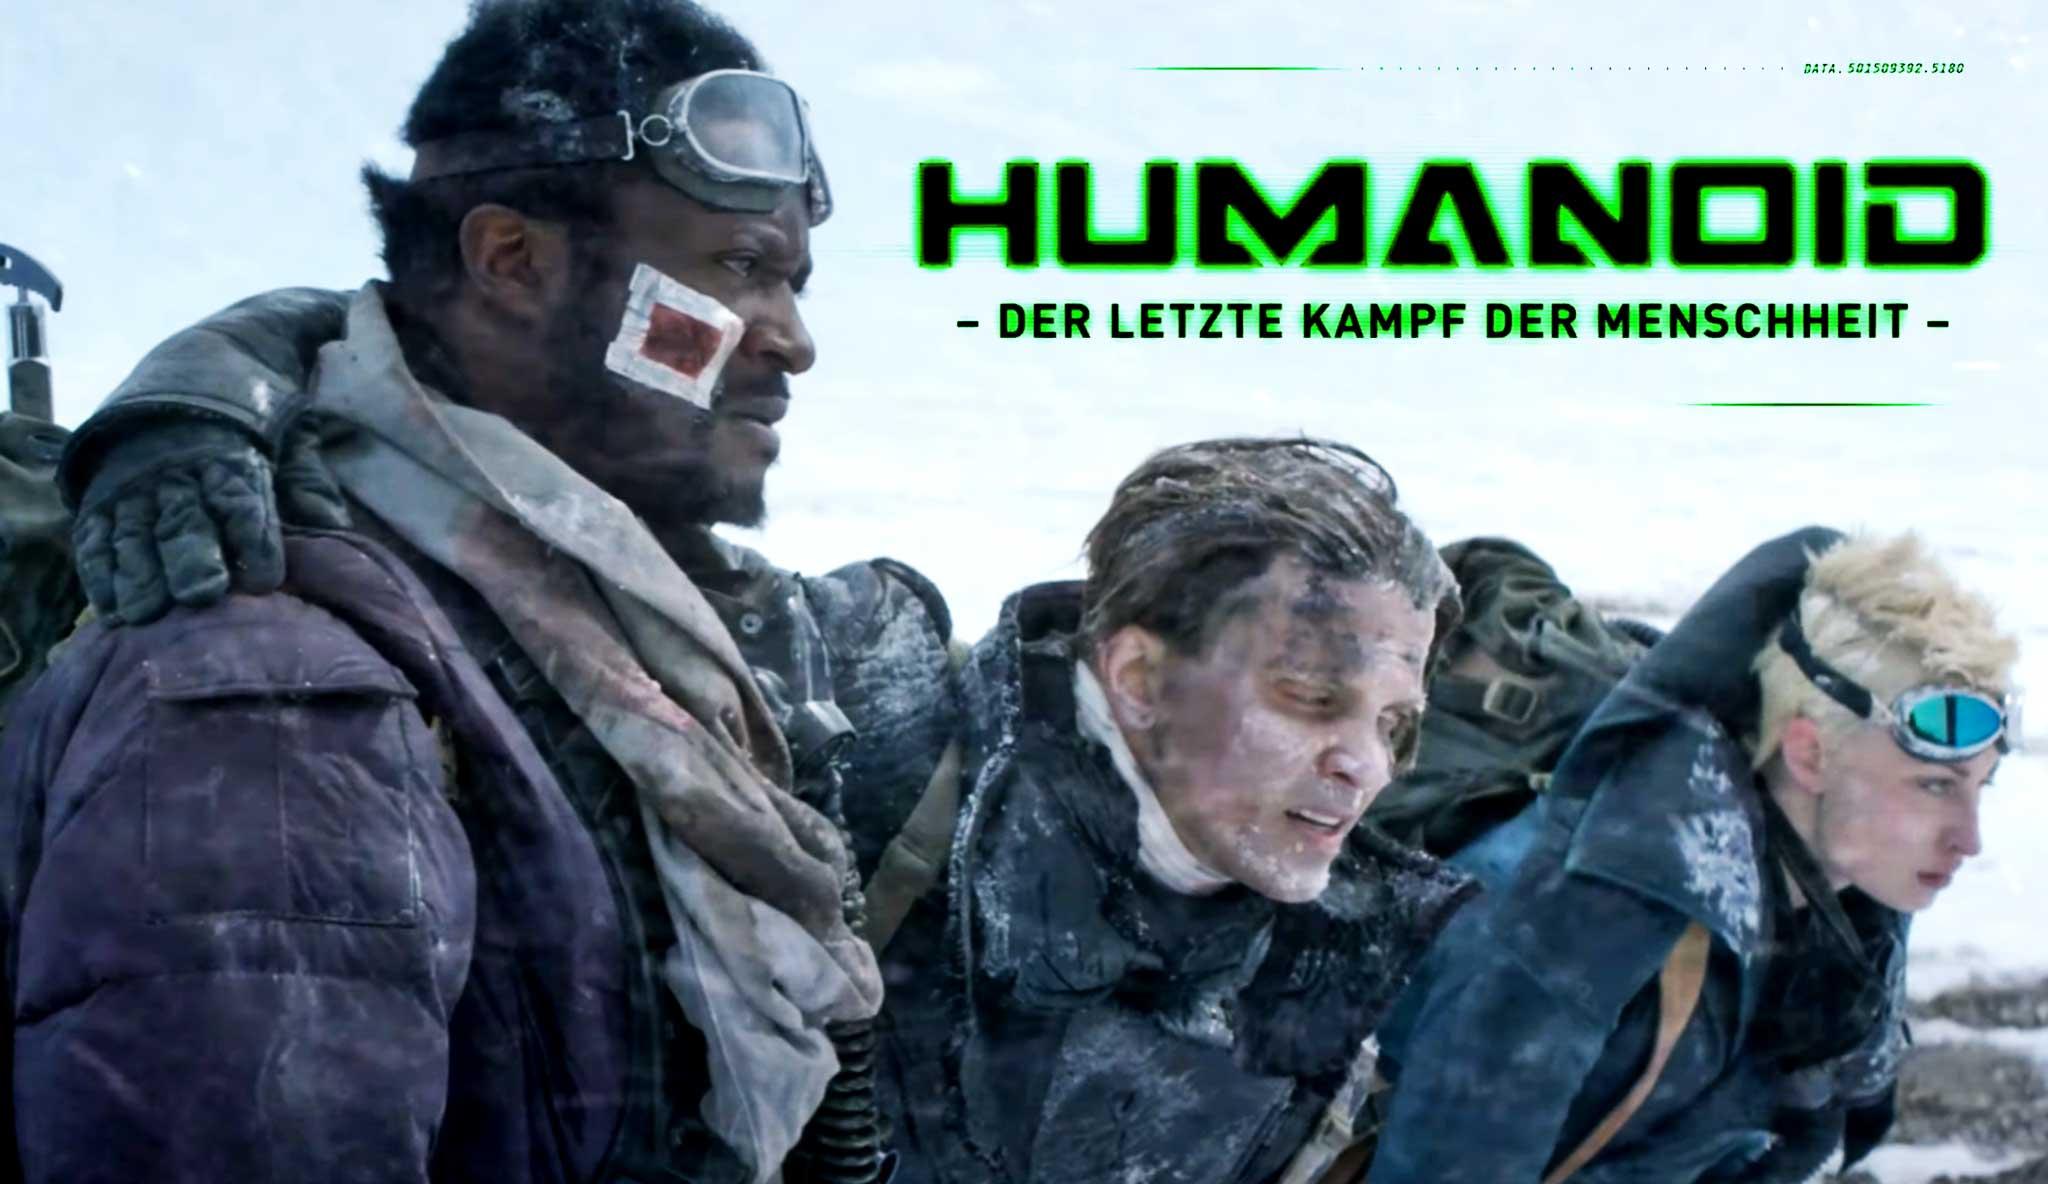 humanoid-der-letzte-kampf-der-menschheit\header.jpg